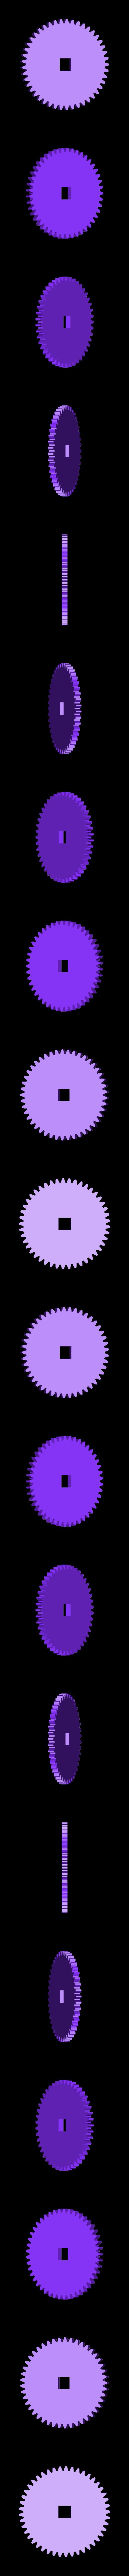 Drive_Gear.stl Télécharger fichier STL gratuit Le moulin à vent de Strandbeest • Objet pour imprimante 3D, DK7